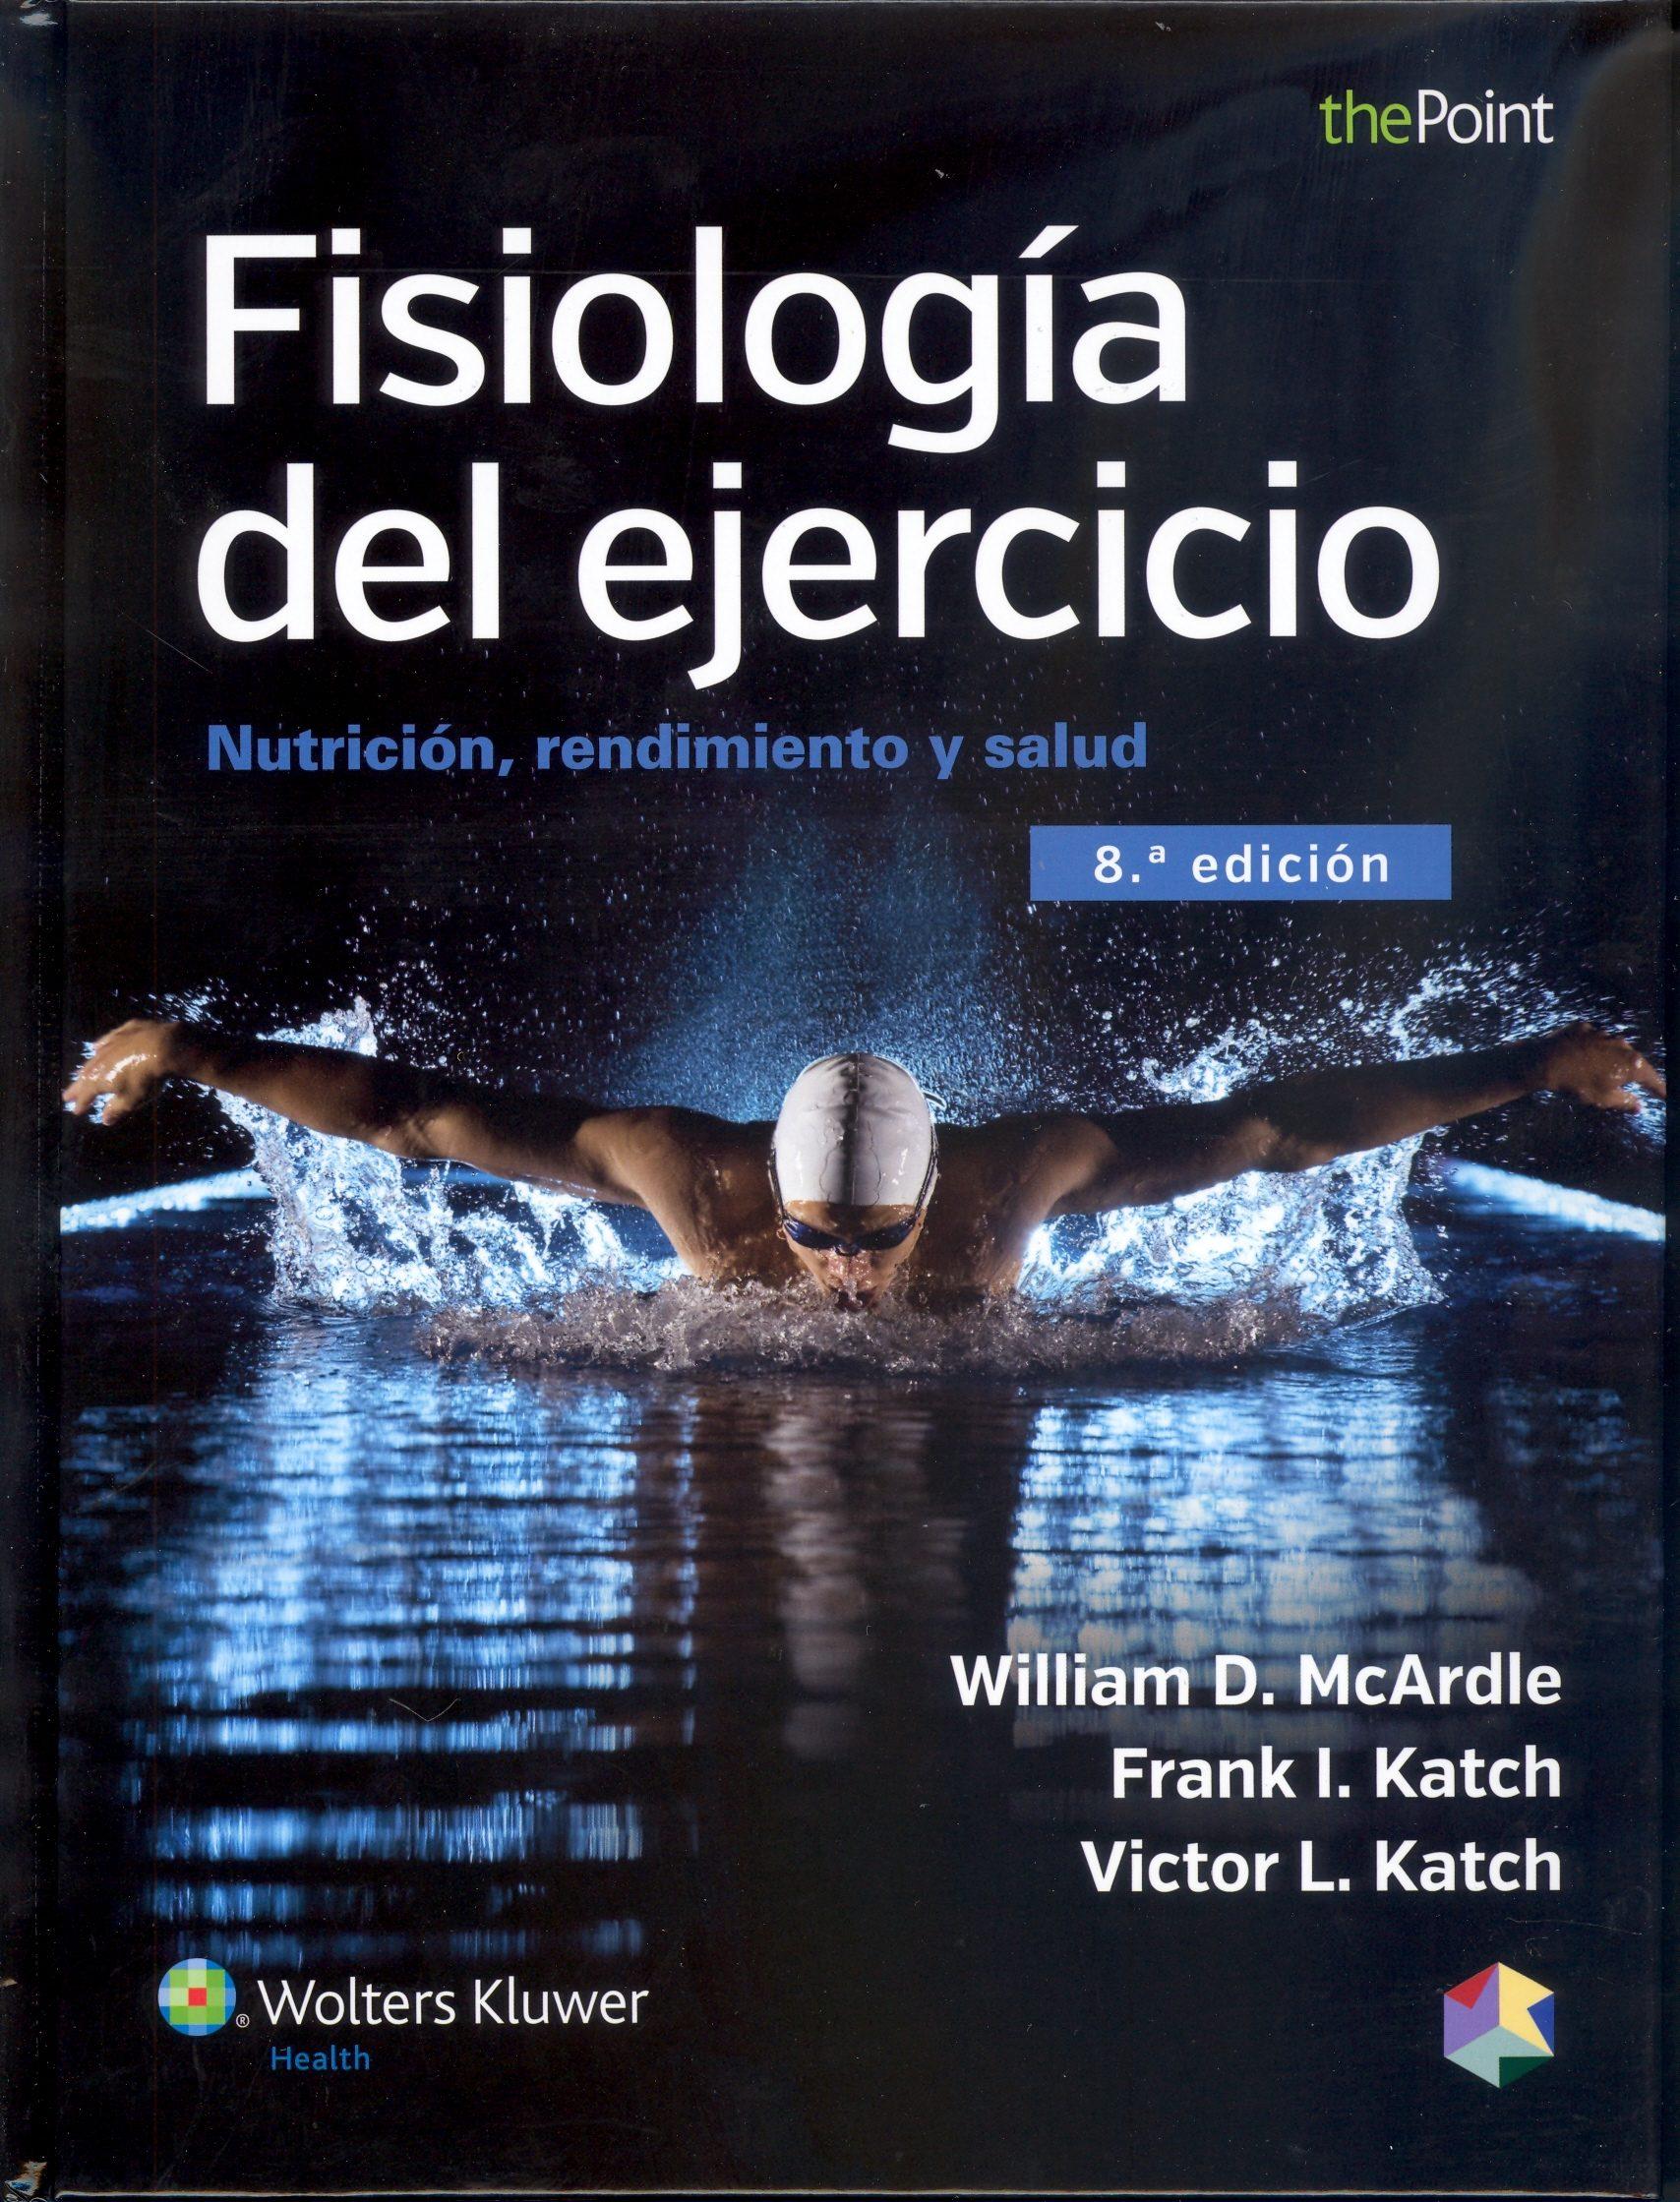 FISIOLOGÍA DEL EJERCICIO. NUTRICIÓN, RENDIMIENTO Y SALUD | WILLIAM D. MCARDLE | Comprar libro 9788416004706